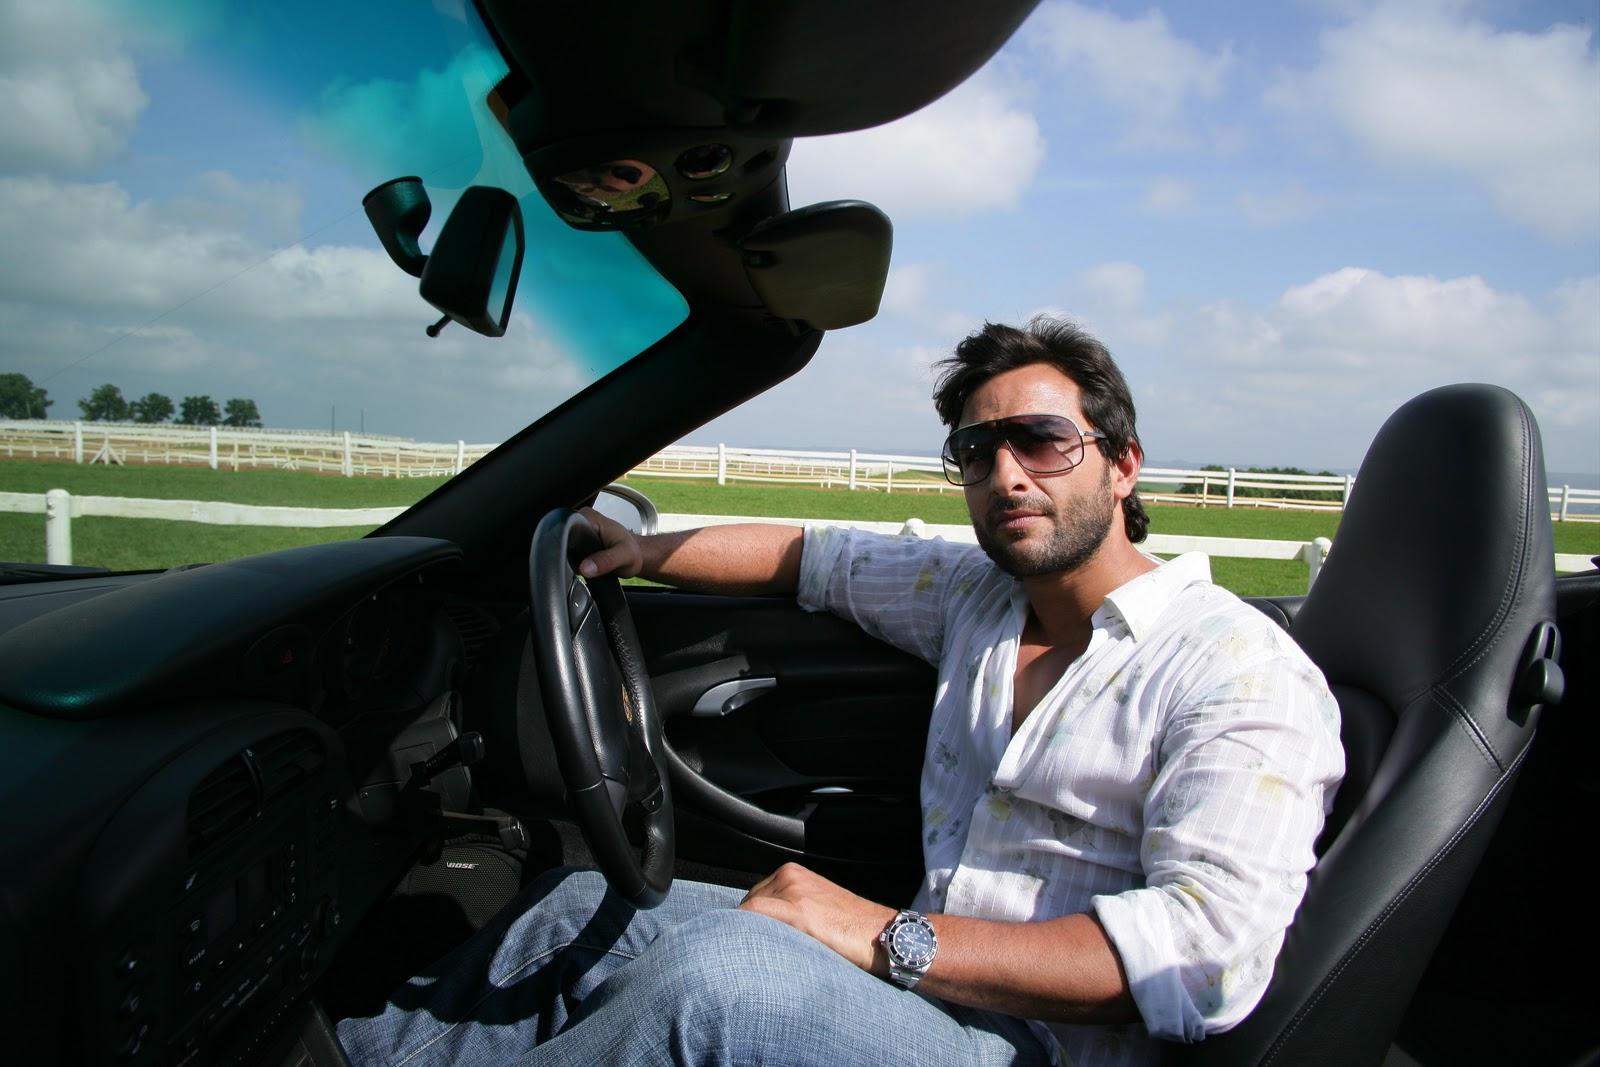 http://4.bp.blogspot.com/-MTzz4g0ok5Q/TpZ3S9ClOrI/AAAAAAAACtg/e7vFuqcEk7Y/s1600/saif-ali-khan-21618.jpg